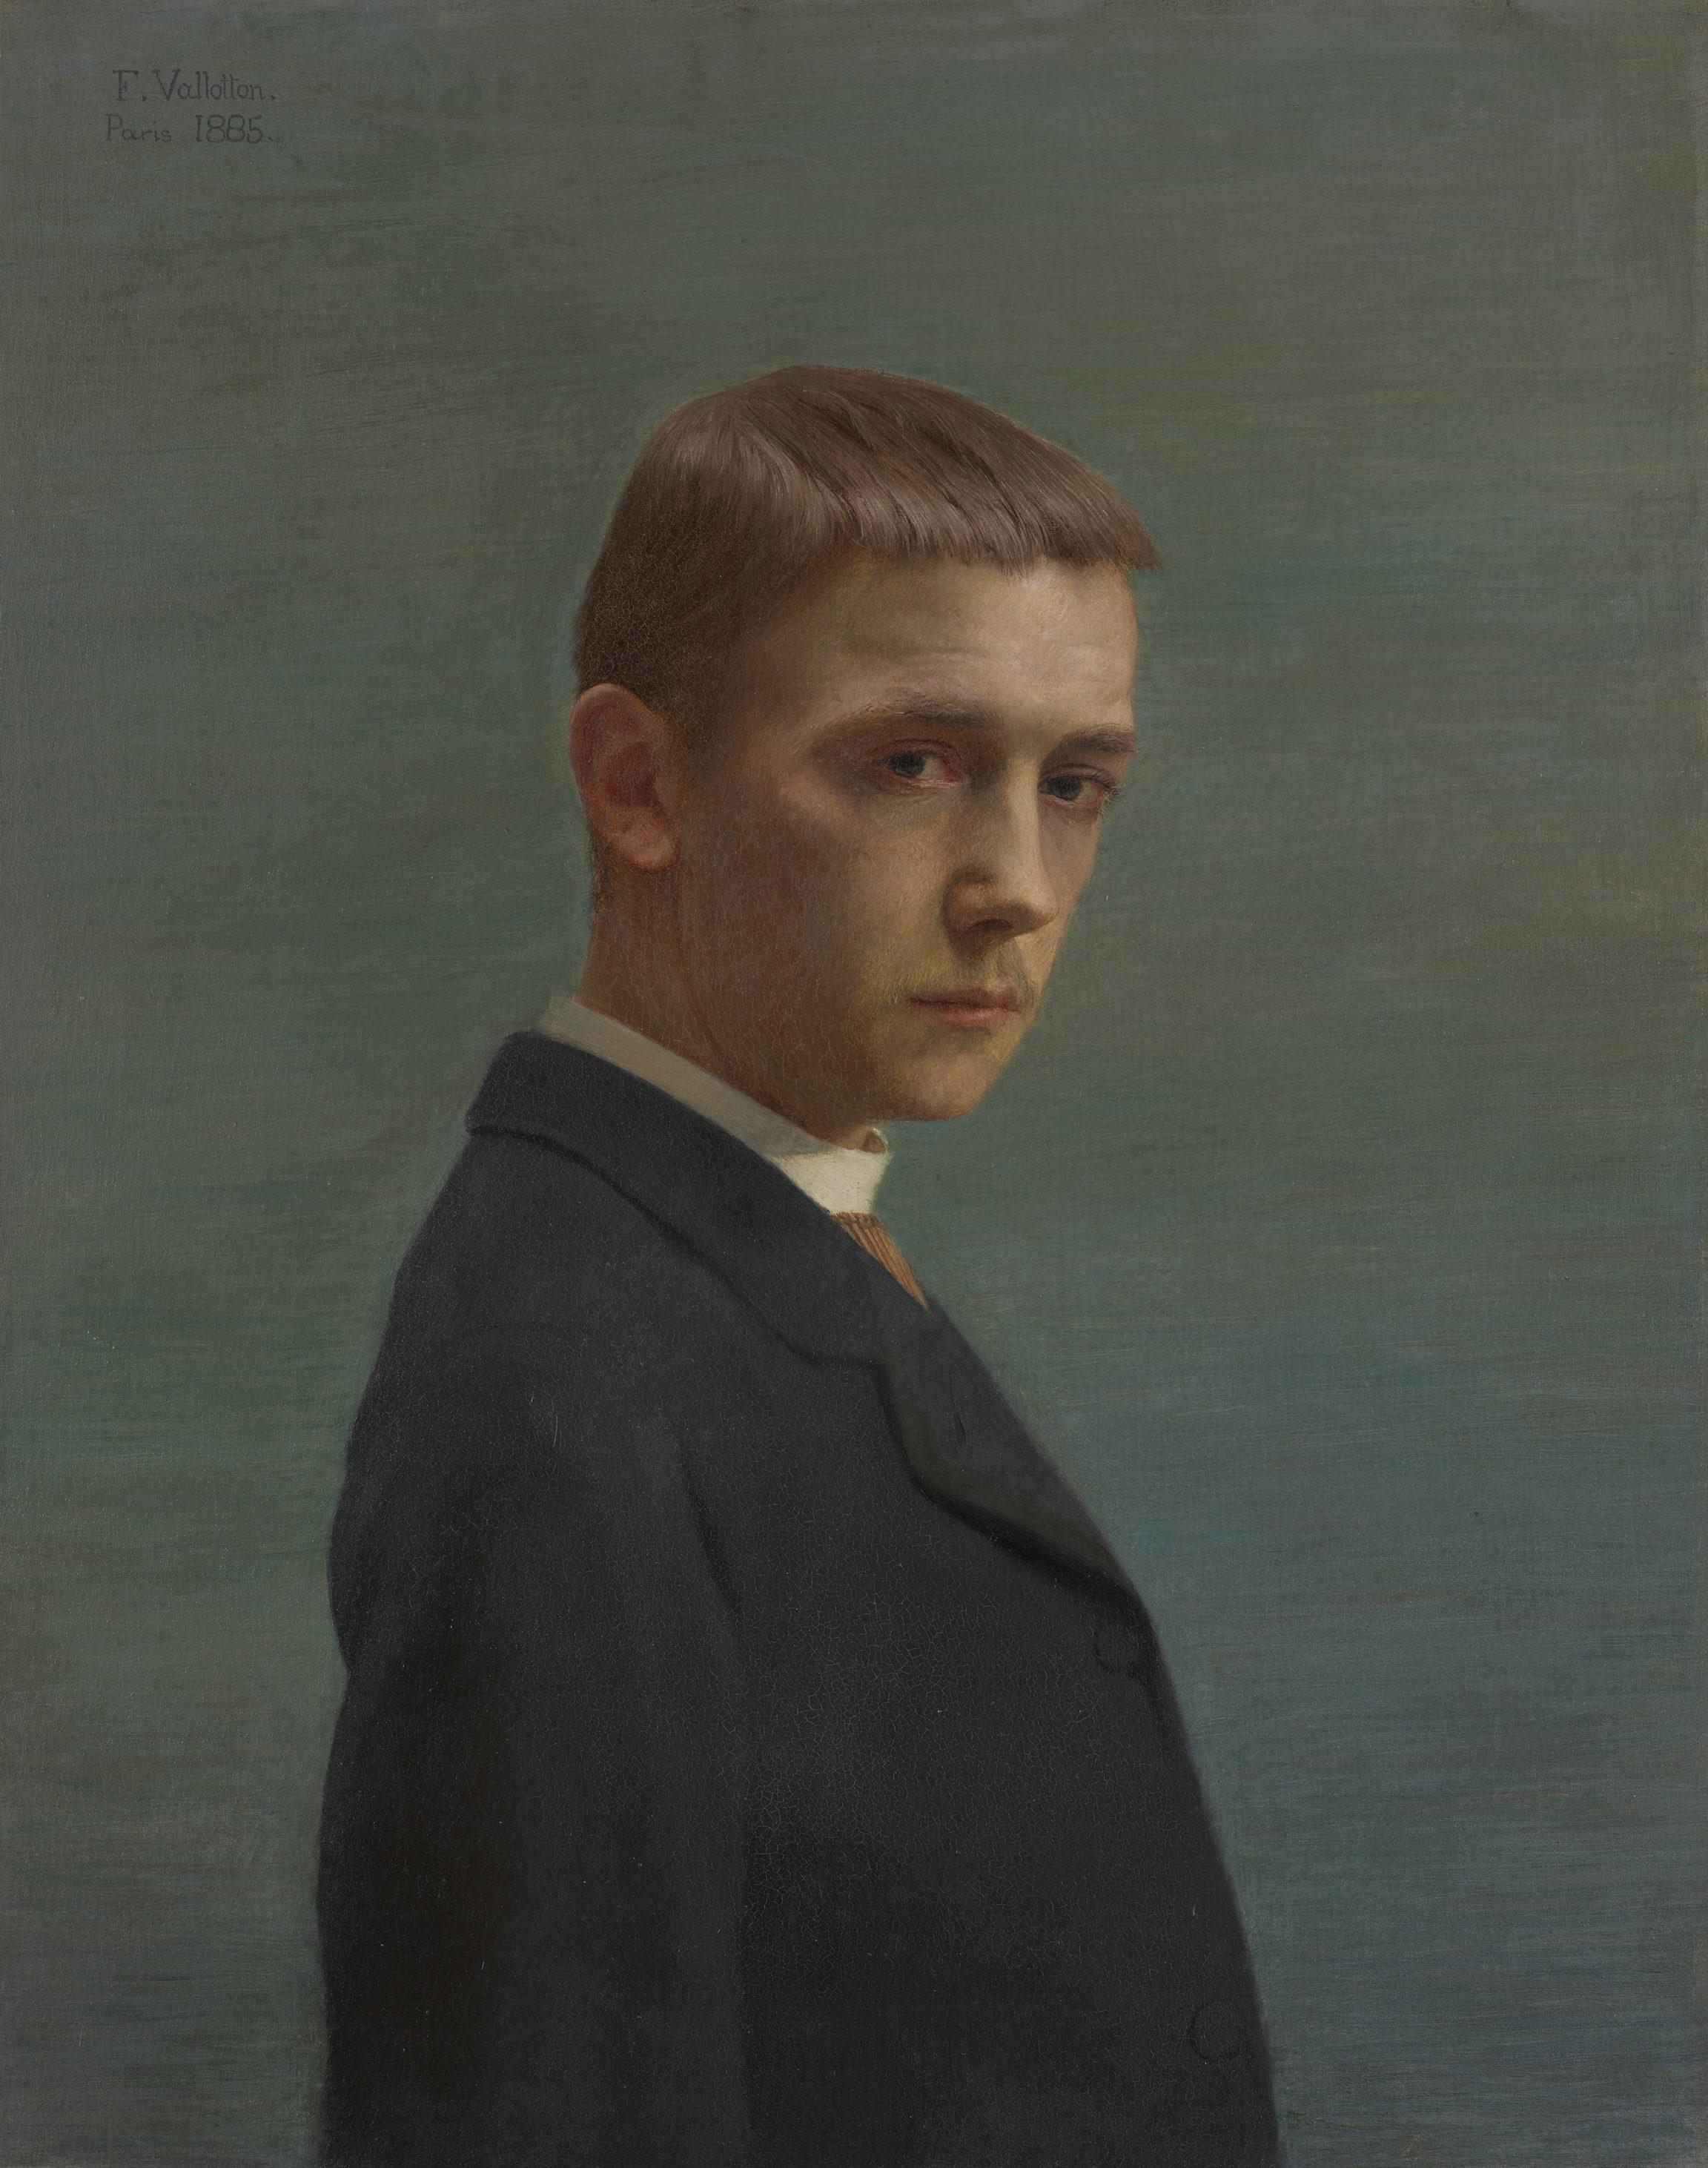 Félix Vallotton, Autoportrait à l'âge de vingt ans, 1885